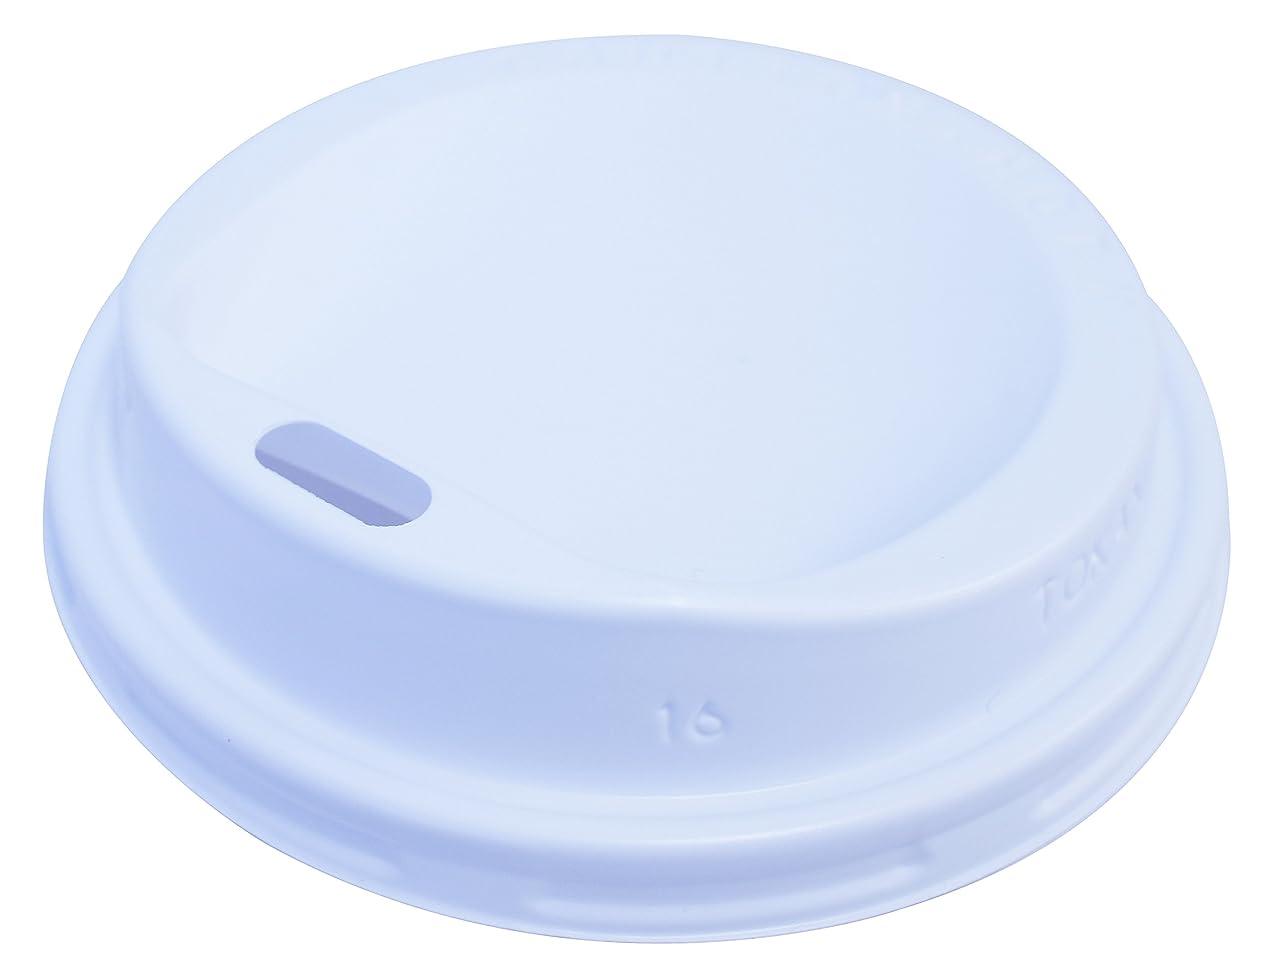 ヒューズボットもっとペーパーカップ 厚紙 280ml 9oz 専用カップふた 100個入